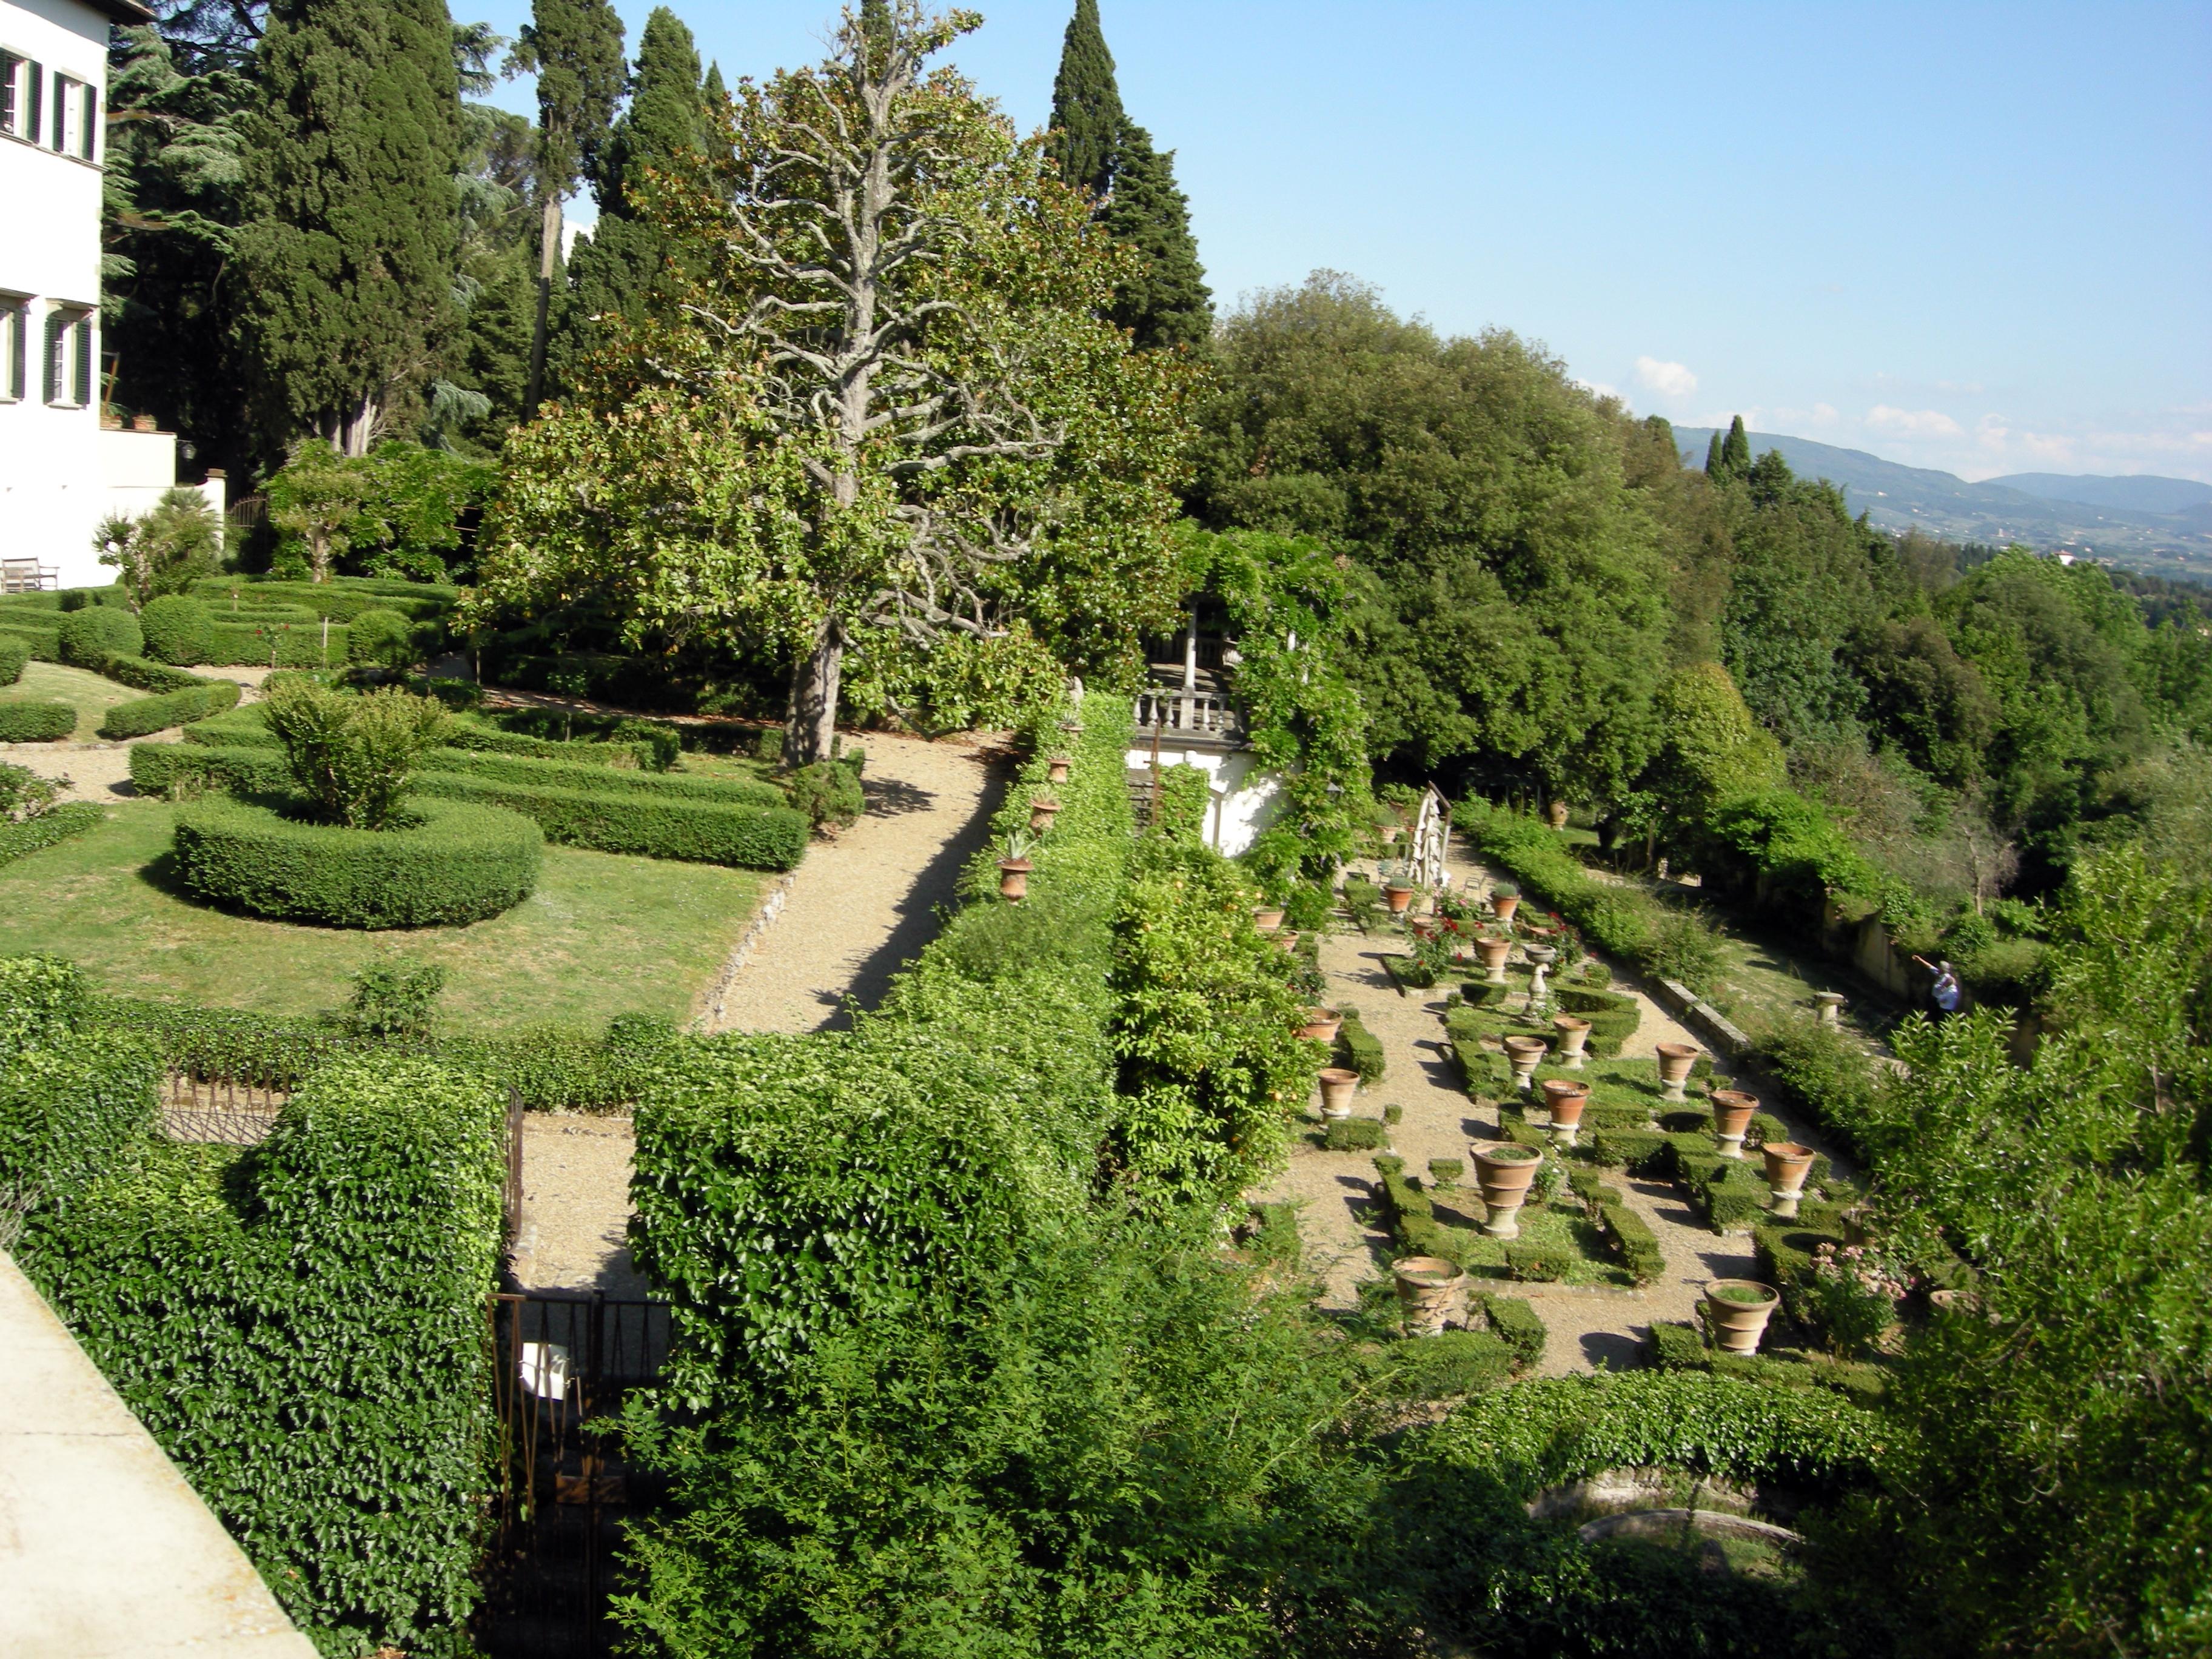 File:Villa la fonte, fiesole, giardino, terrazze all\'italiana 03.JPG ...